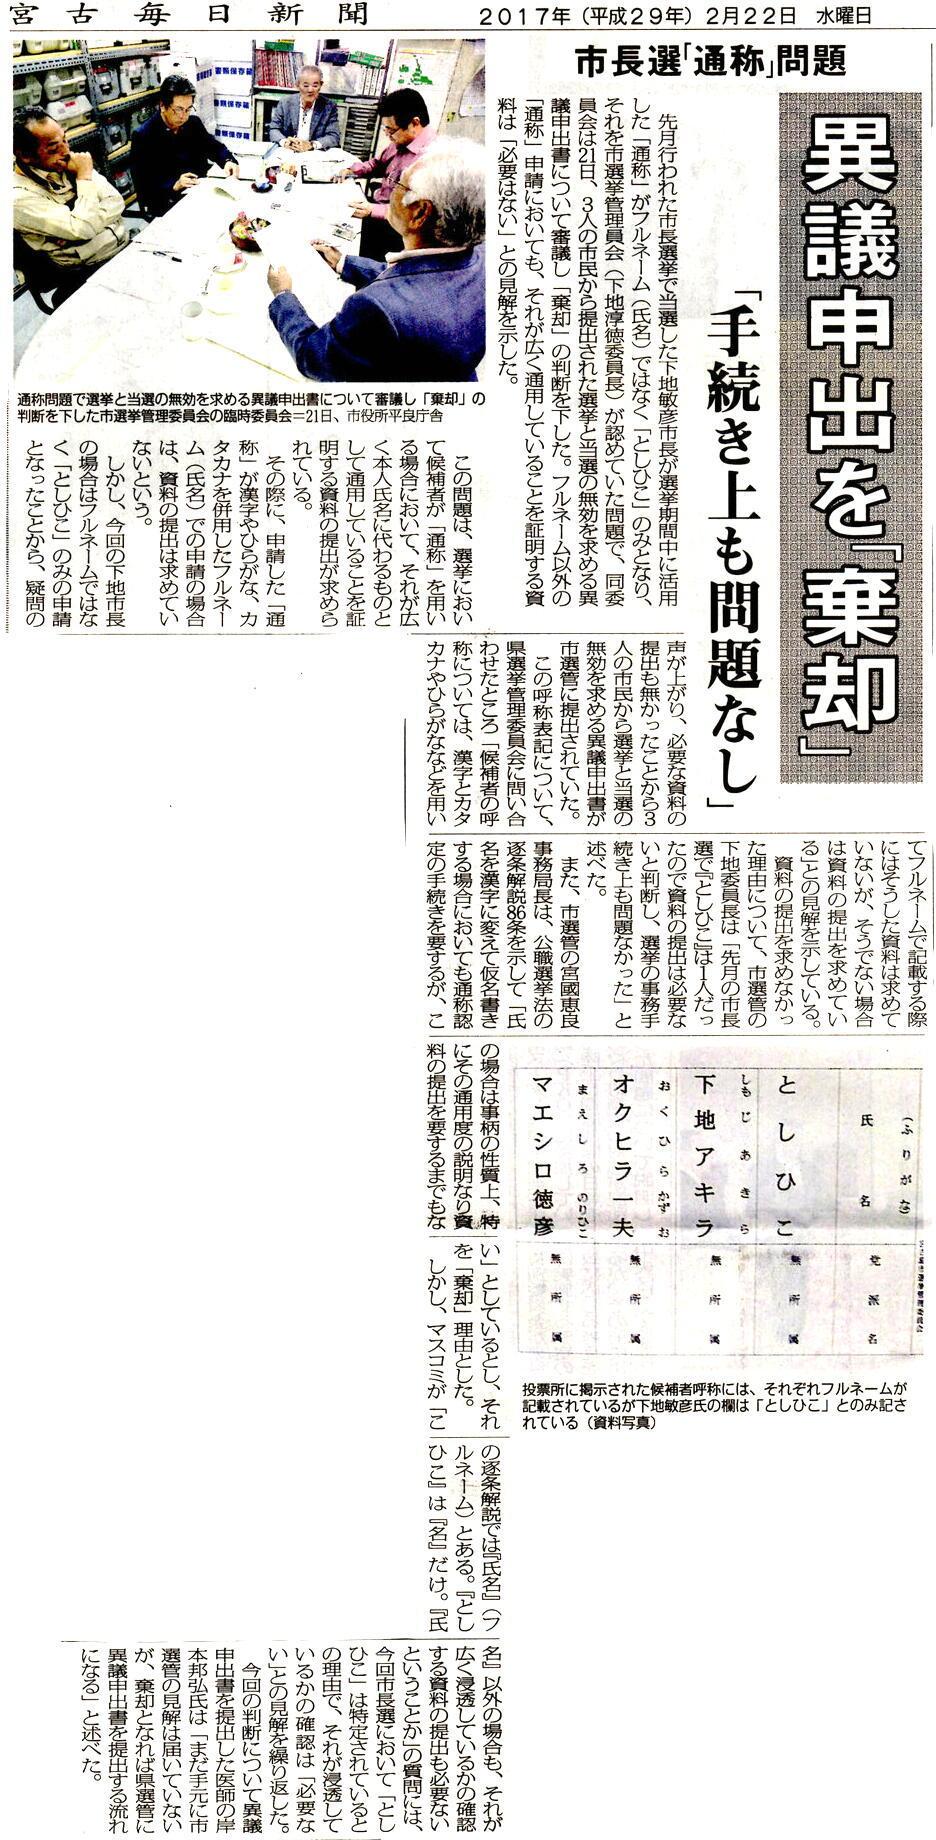 miyakomainichi2017 02221